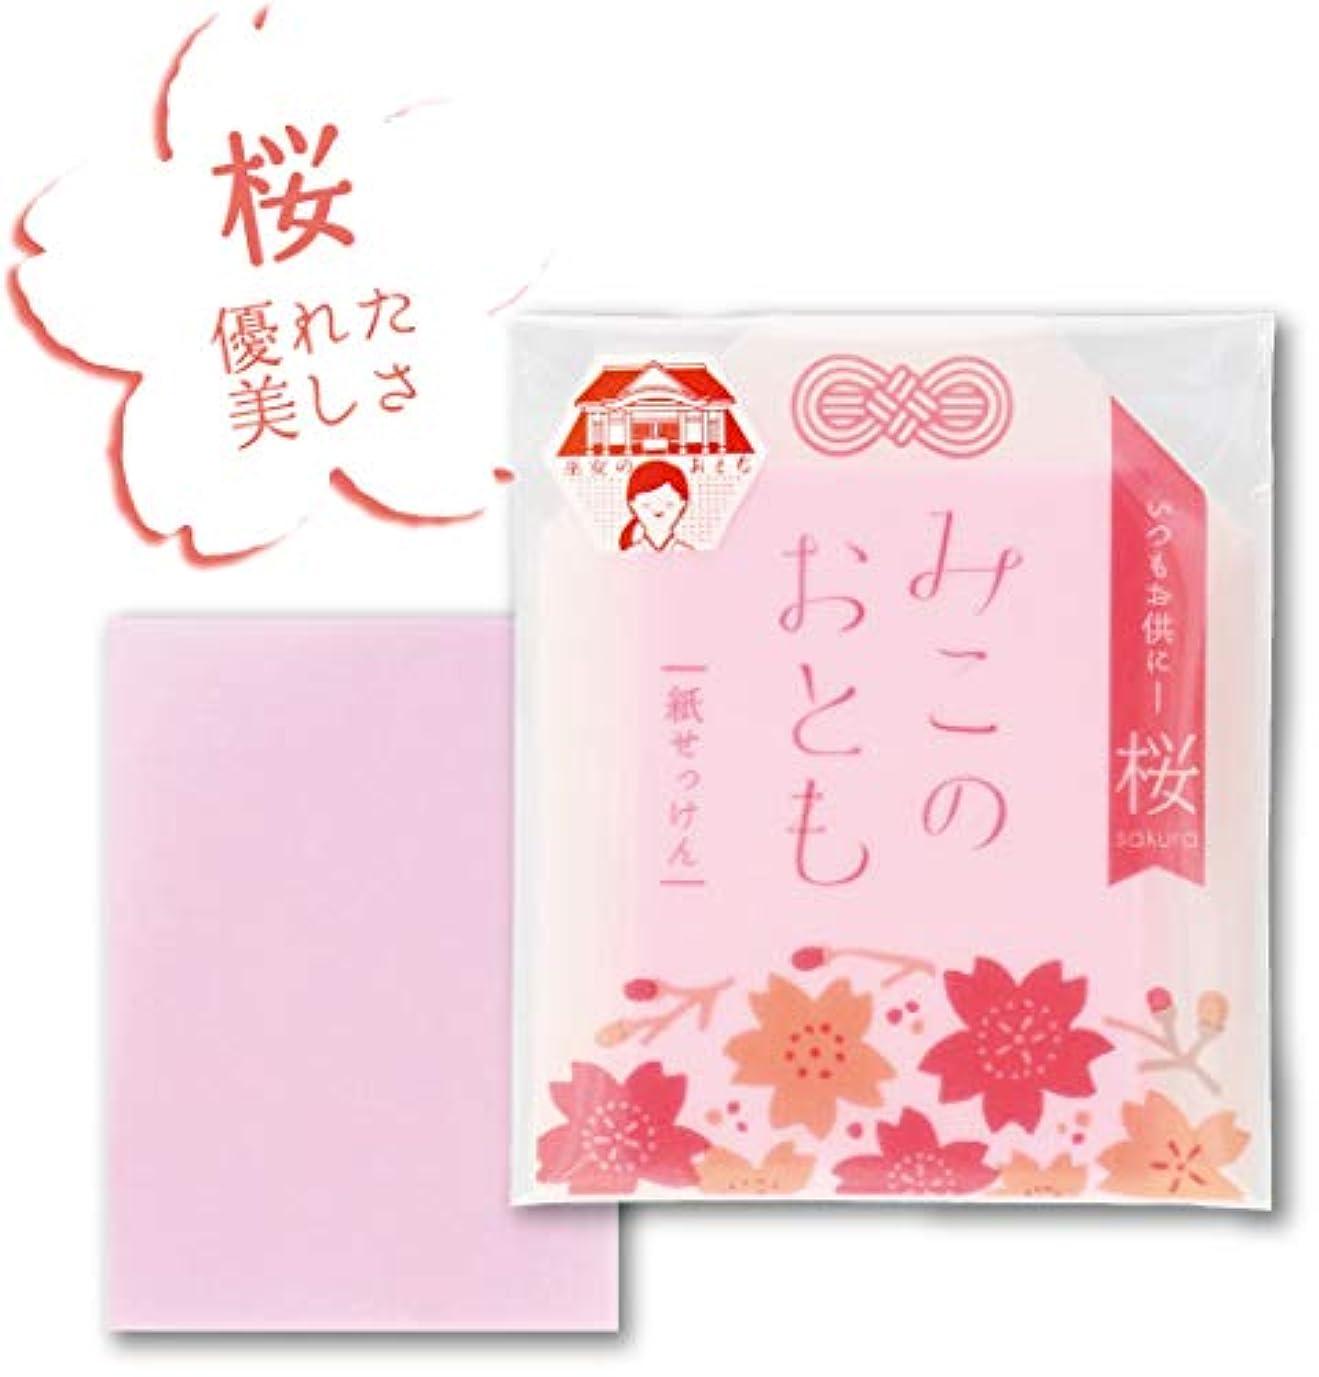 タクト信頼性影響を受けやすいですみこのおとも 紙せっけん 桜